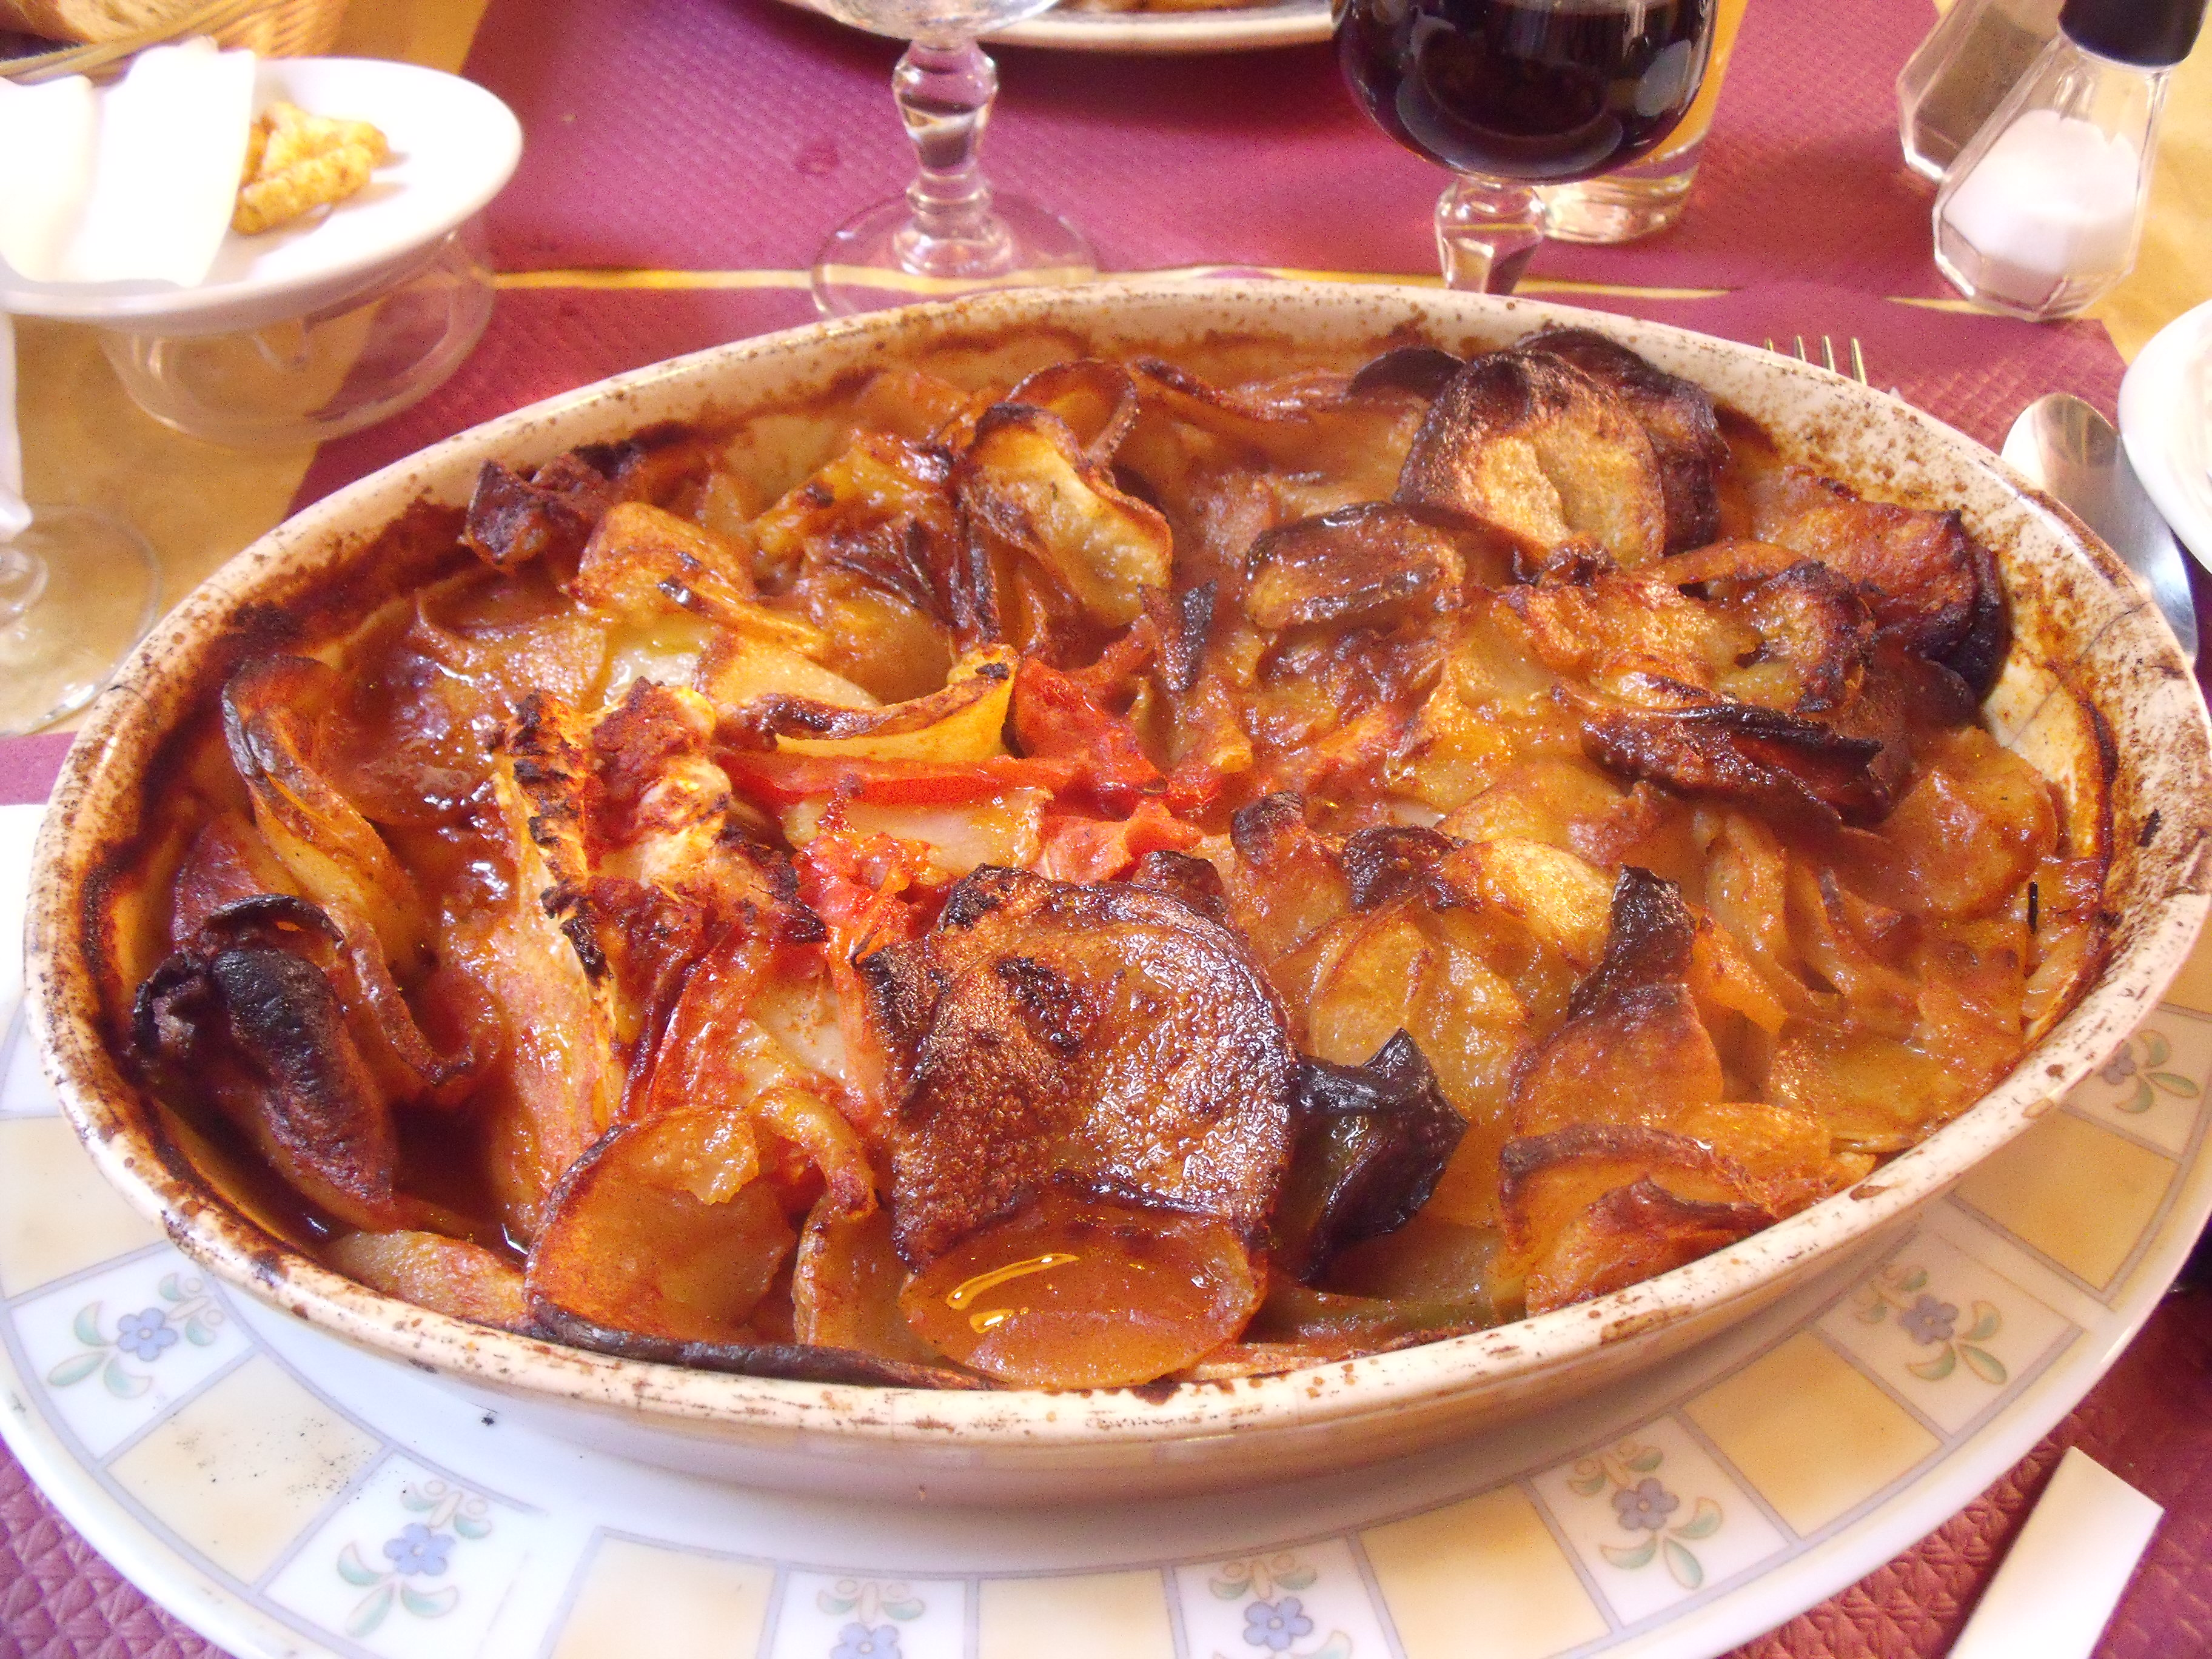 Le barbecue nice elizabeth gabay mw - Le barbecue nice ...